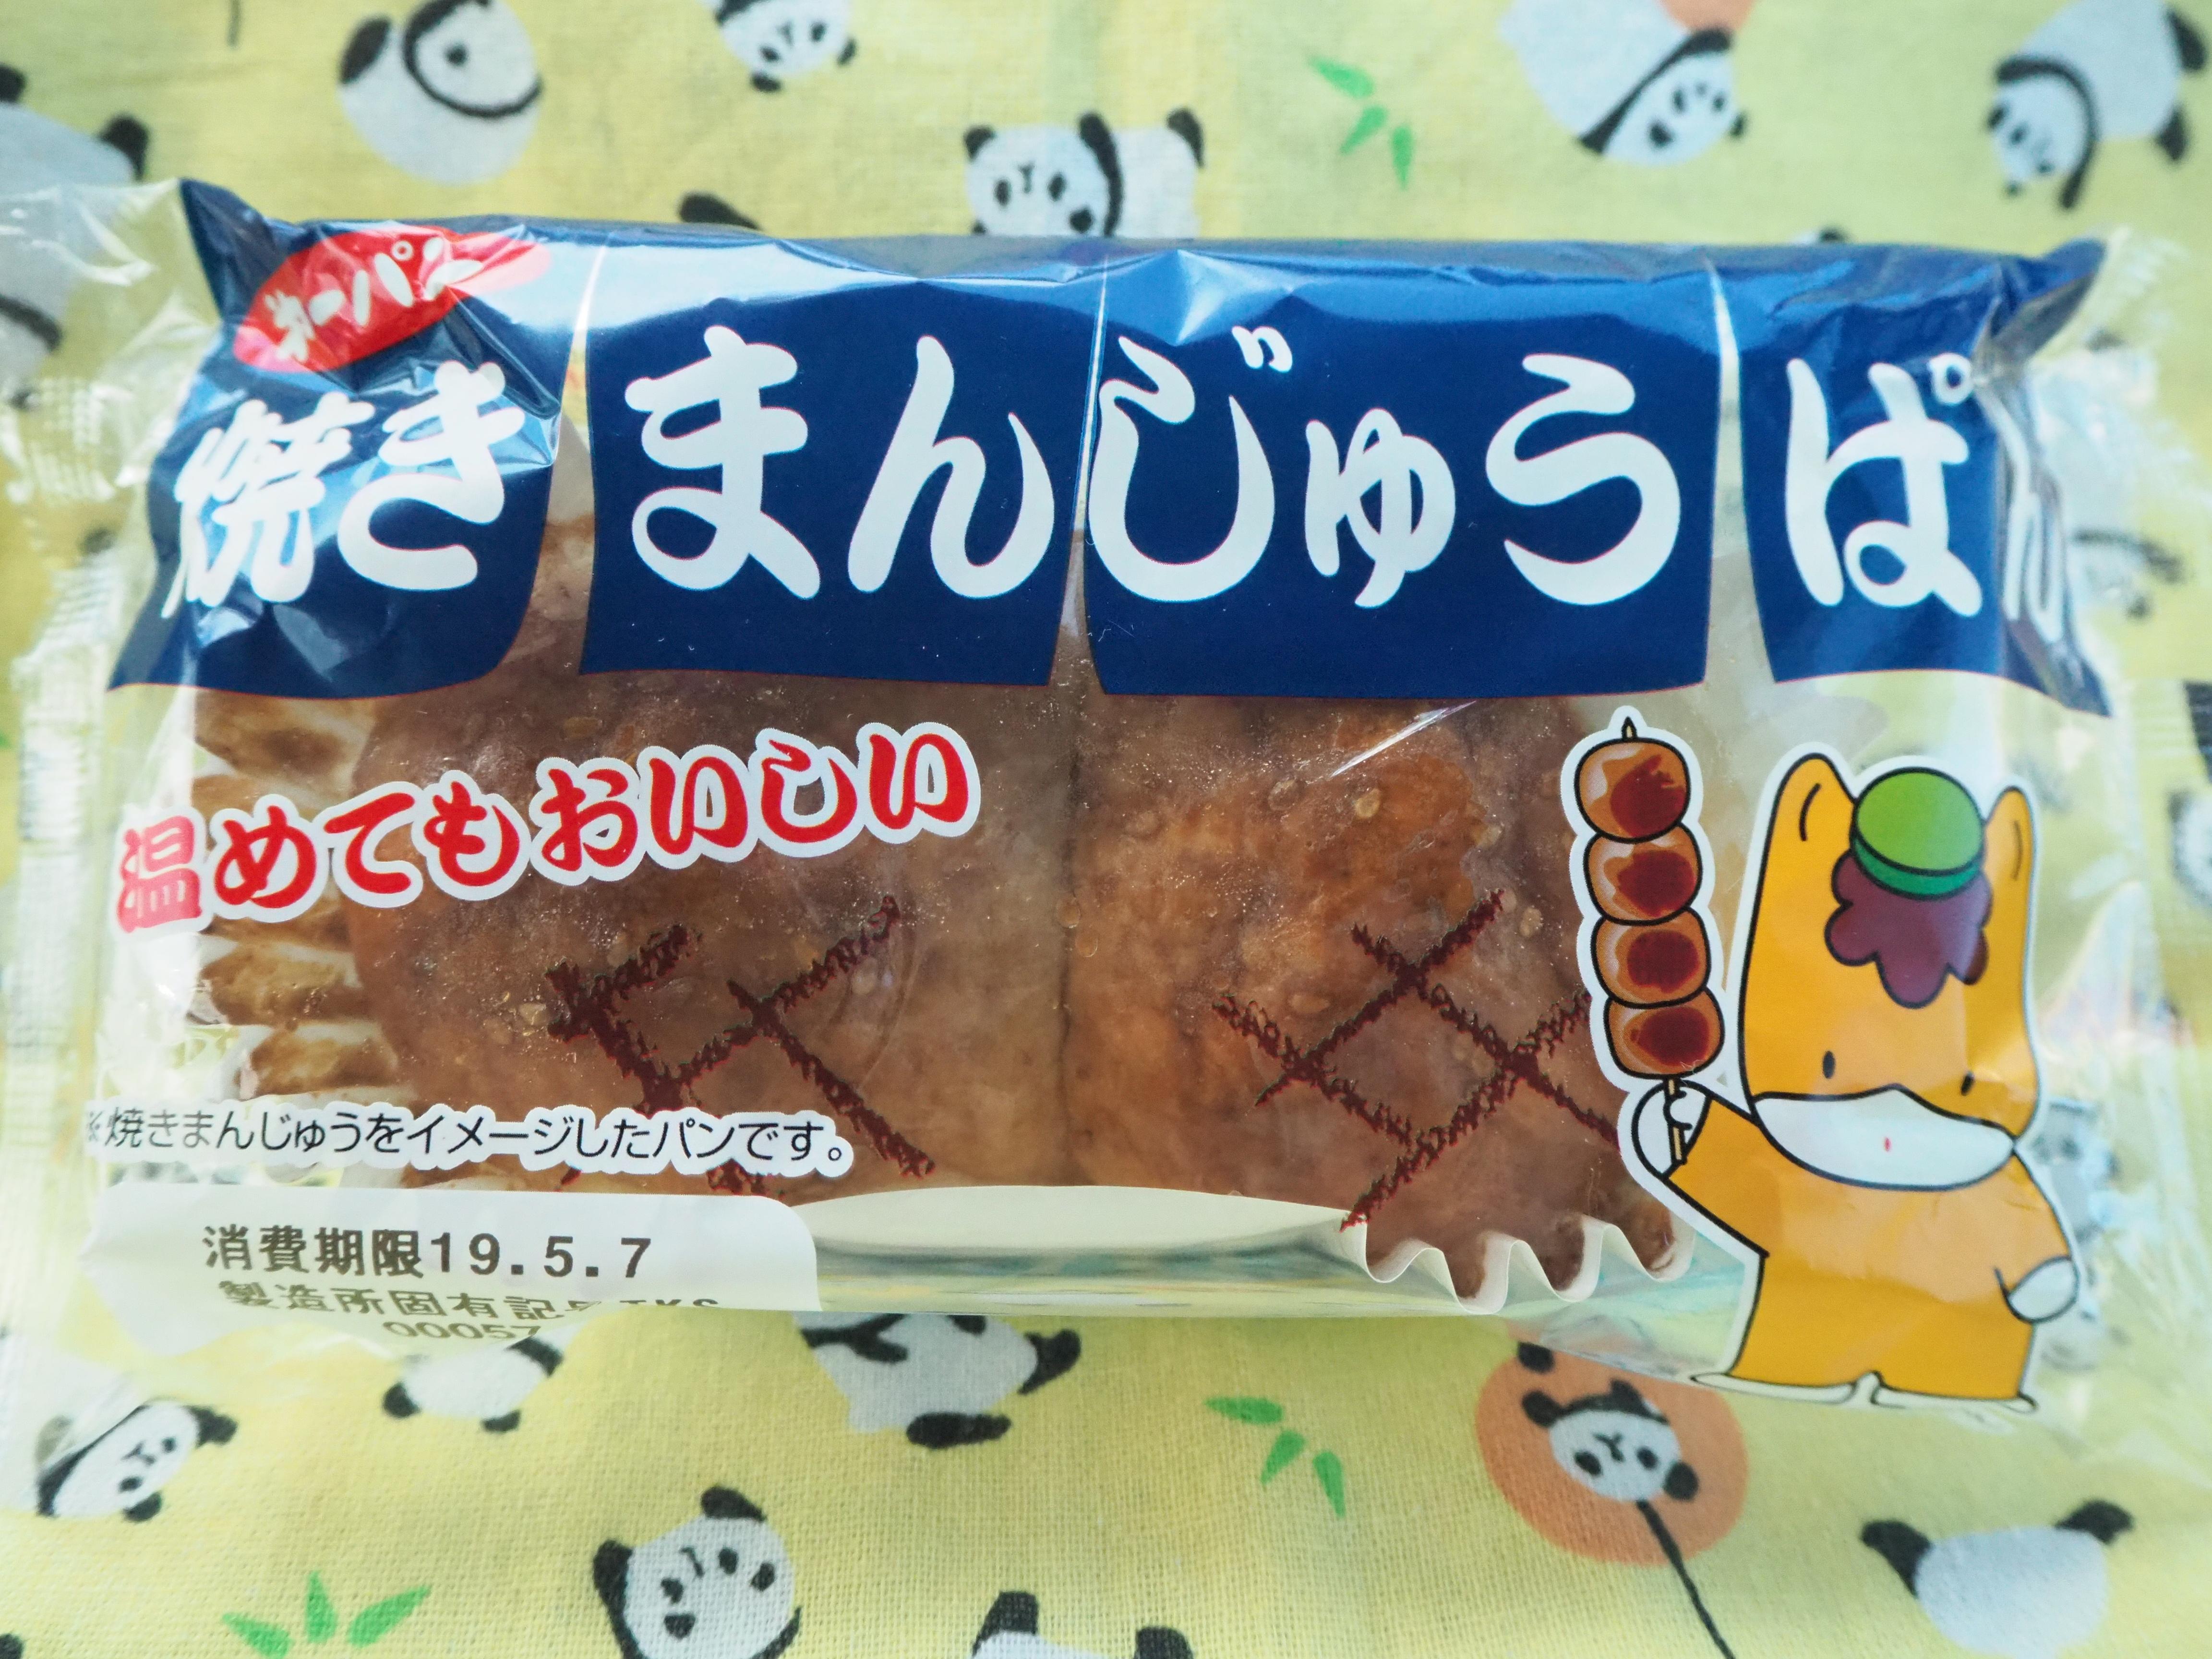 群馬 焼きまんじゅうパン